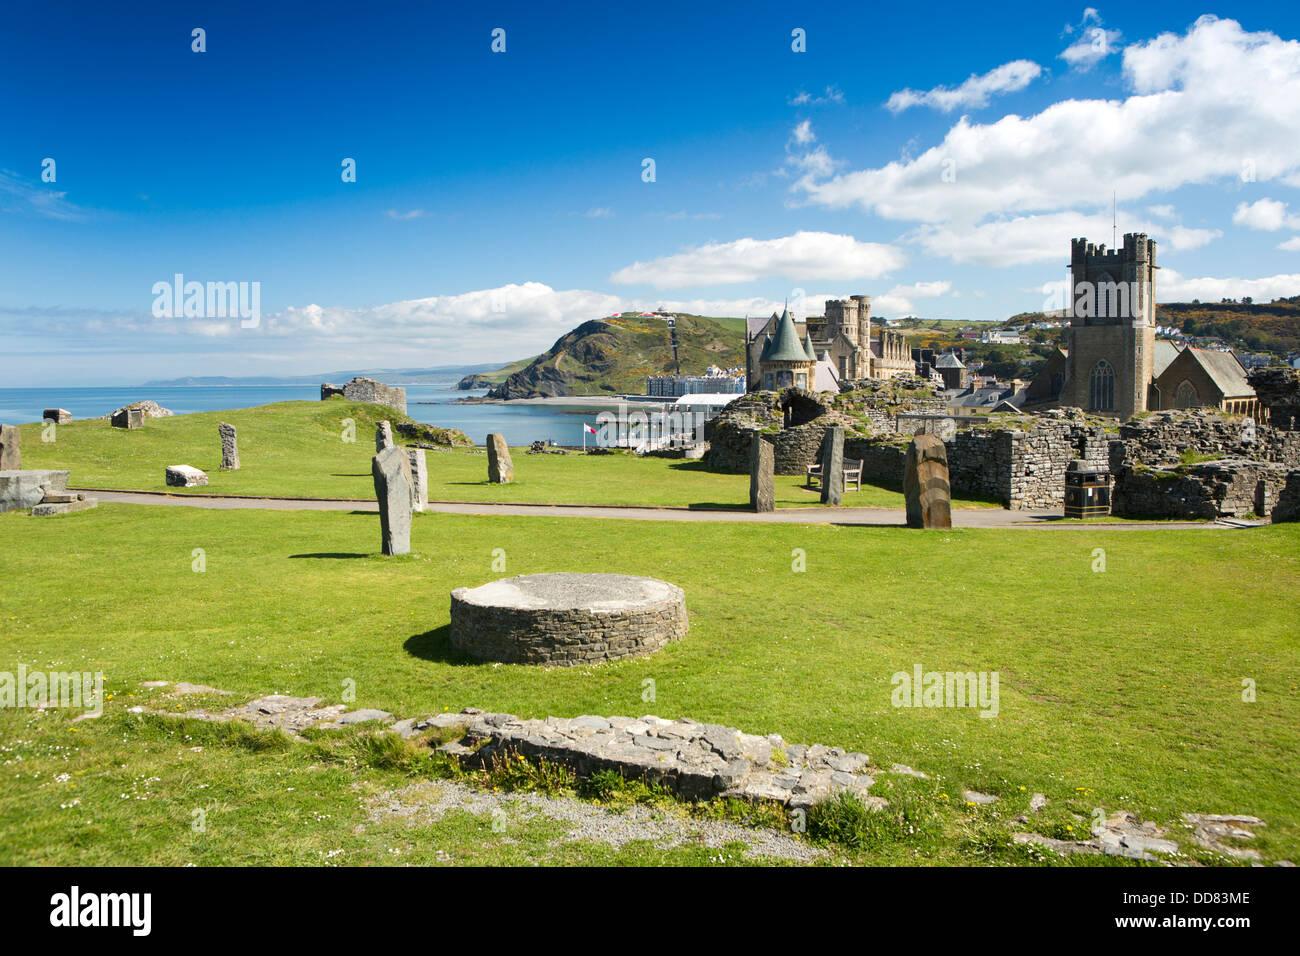 UK, Wales, Ceredigion, Aberystwyth, Castle, Gorsedd stone circle - Stock Image